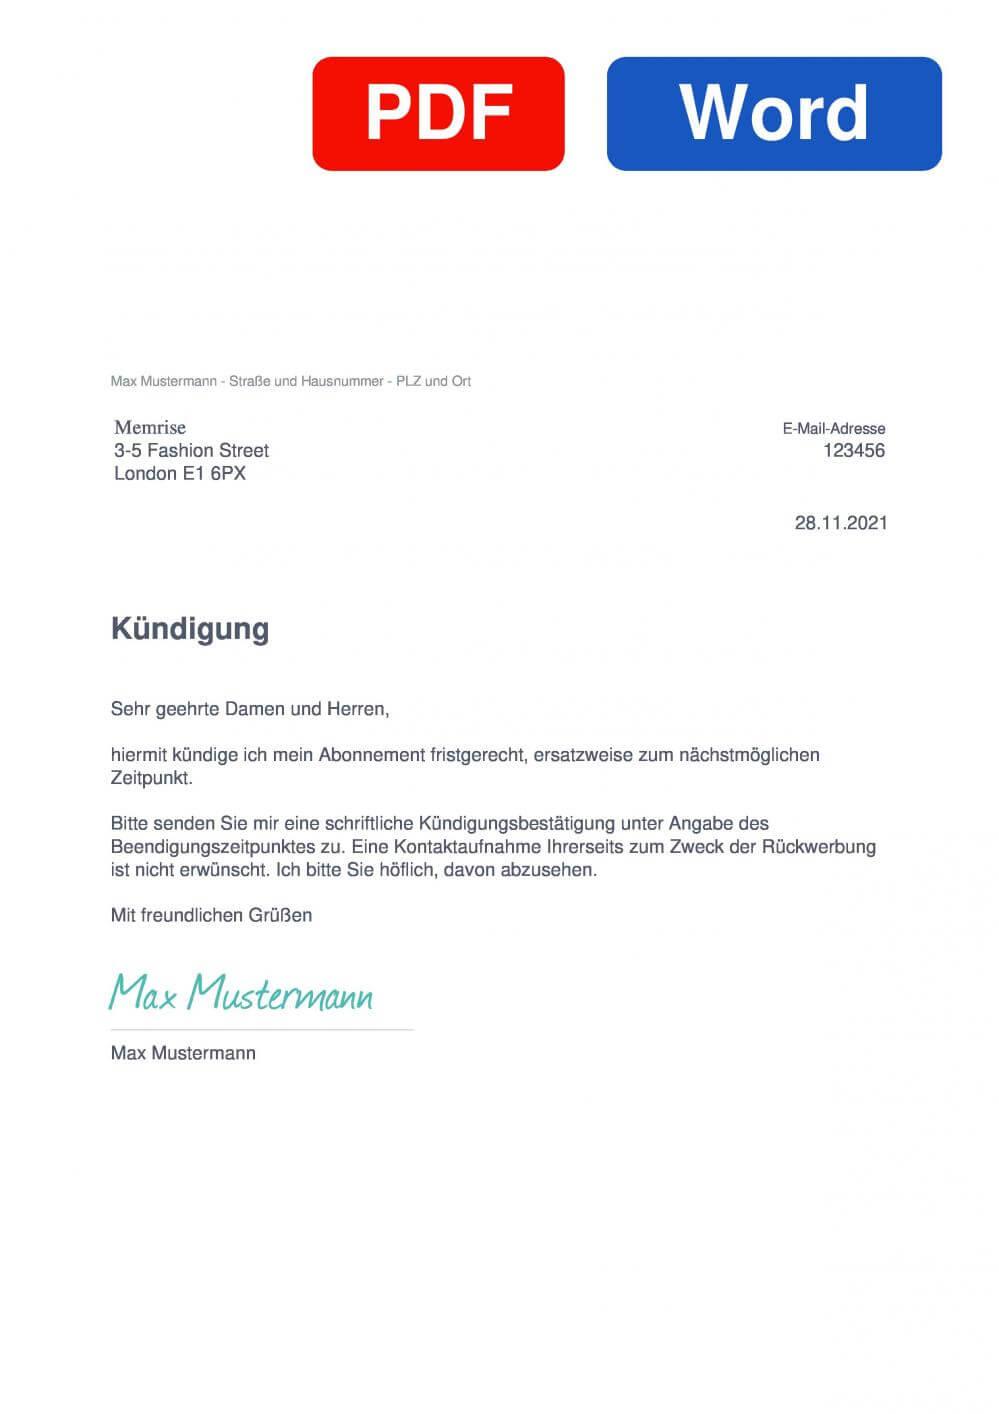 Memrise Muster Vorlage für Kündigungsschreiben